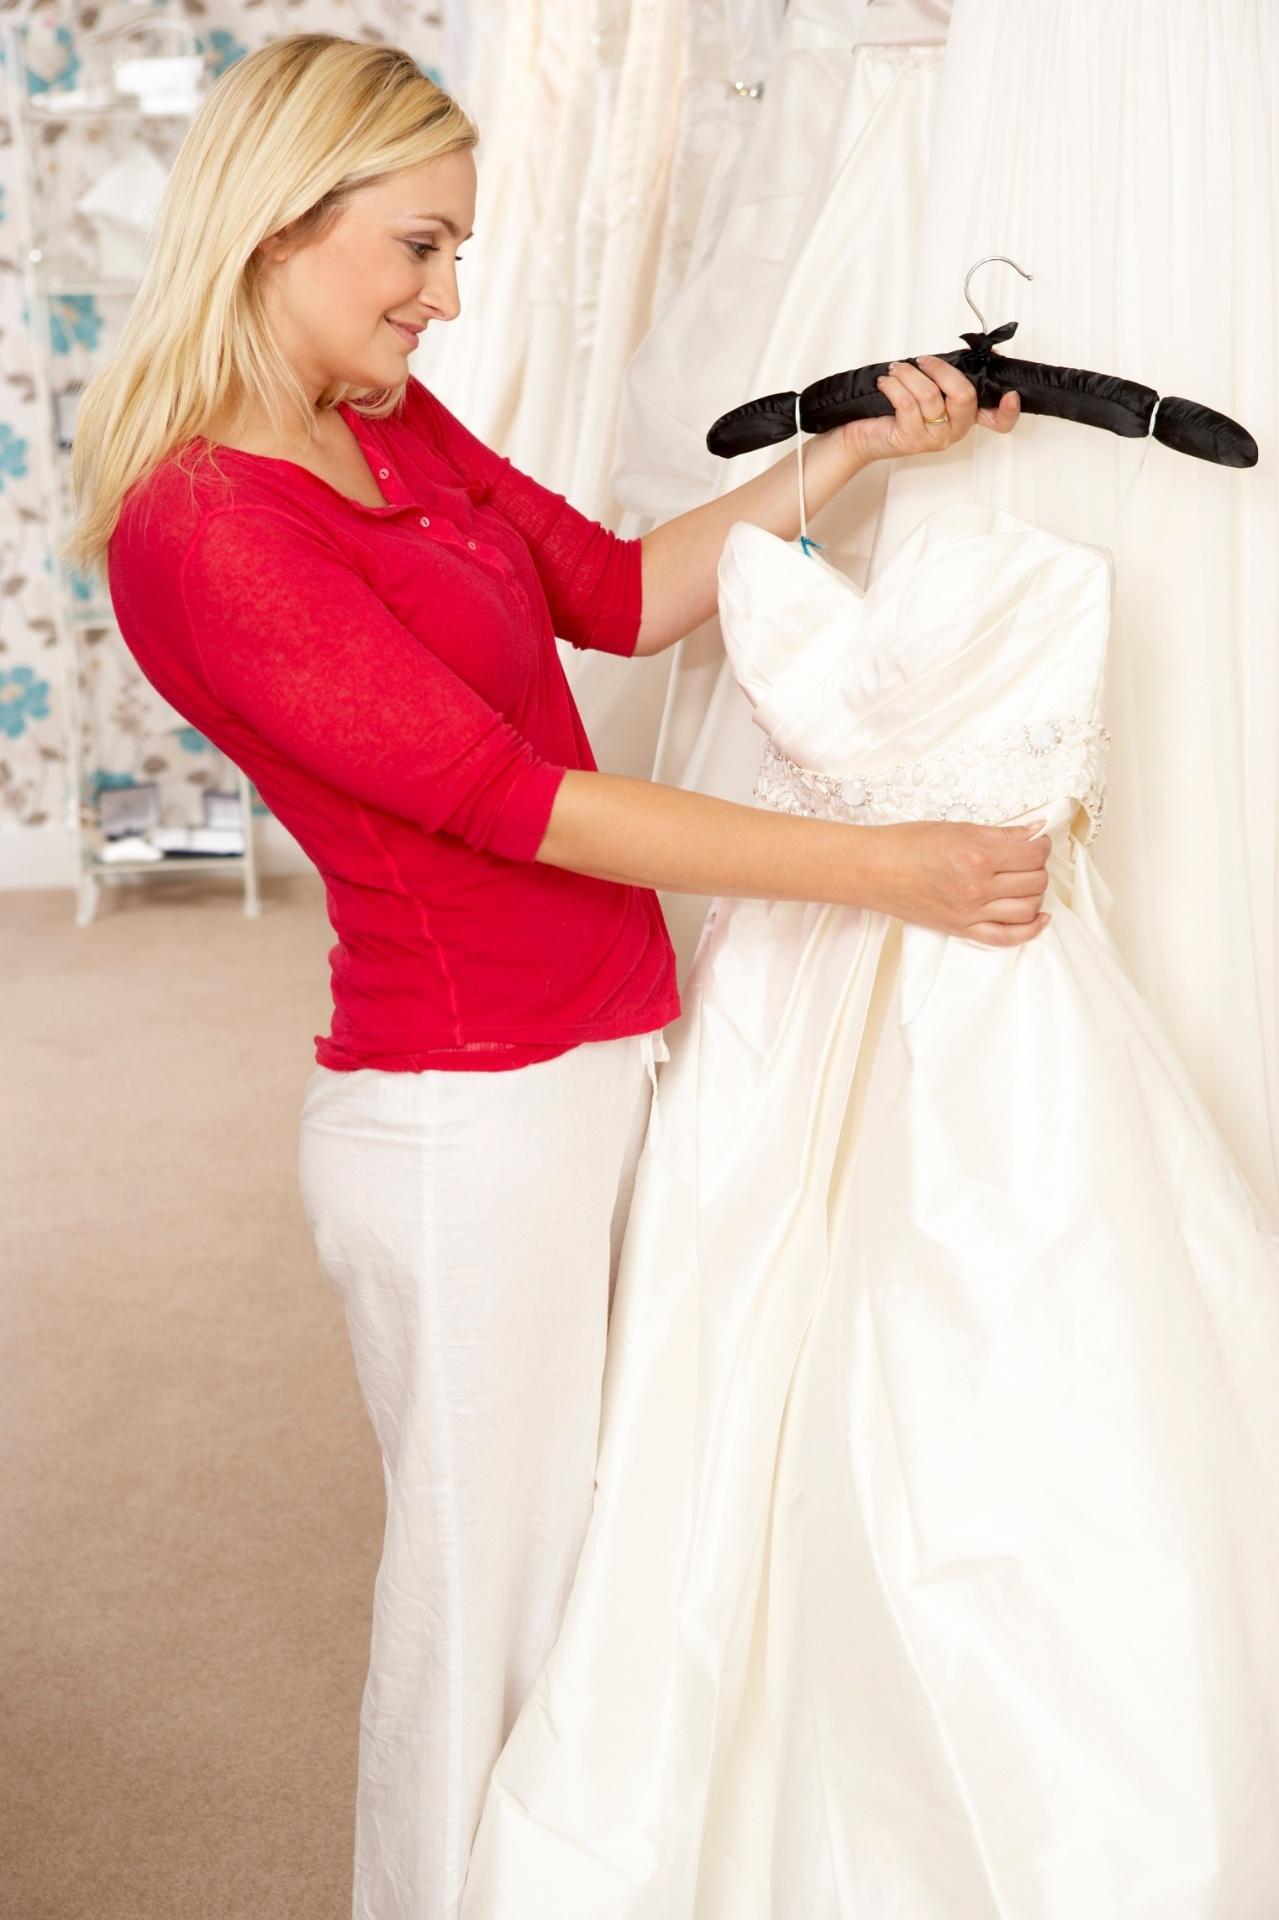 55abae41ab532 Qual é o vestido de noiva ideal para você  - 22 10 2012 - UOL Universa